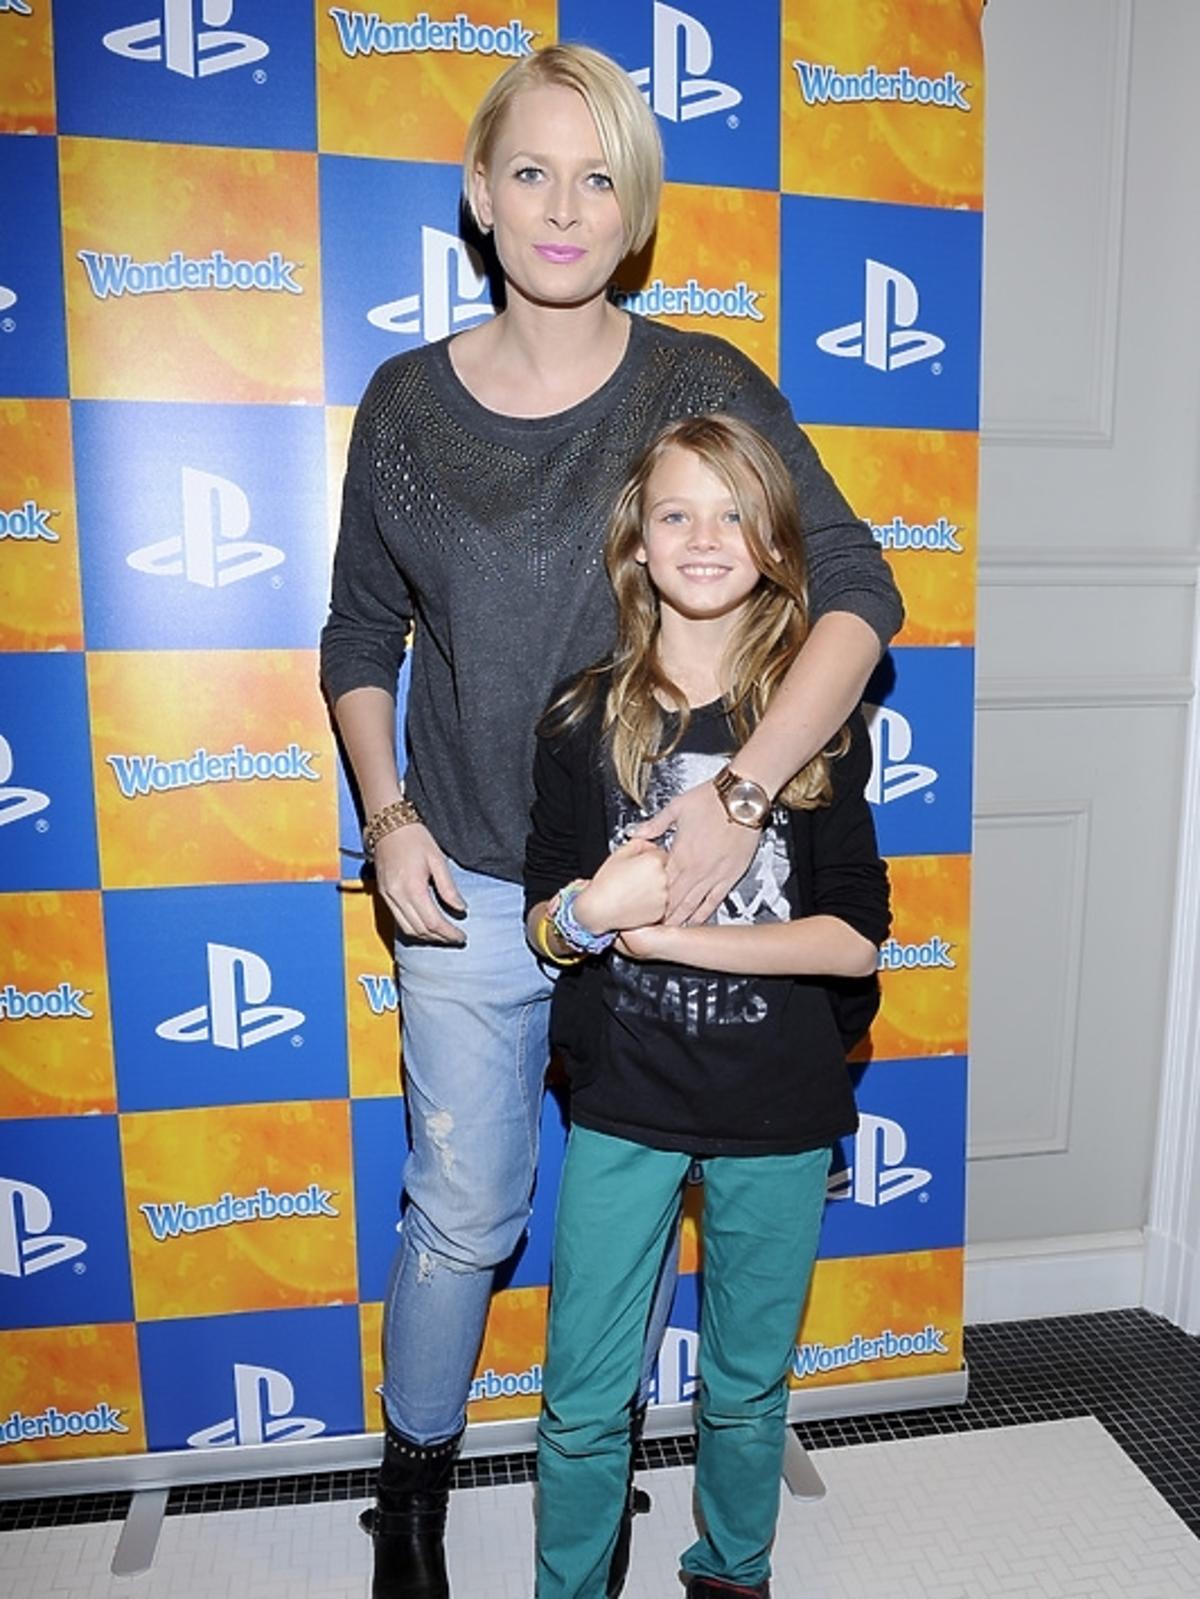 Odeta Moro-Figurska z córką na premierze PlayStation 3 - Wonderbook: Księga Czarów